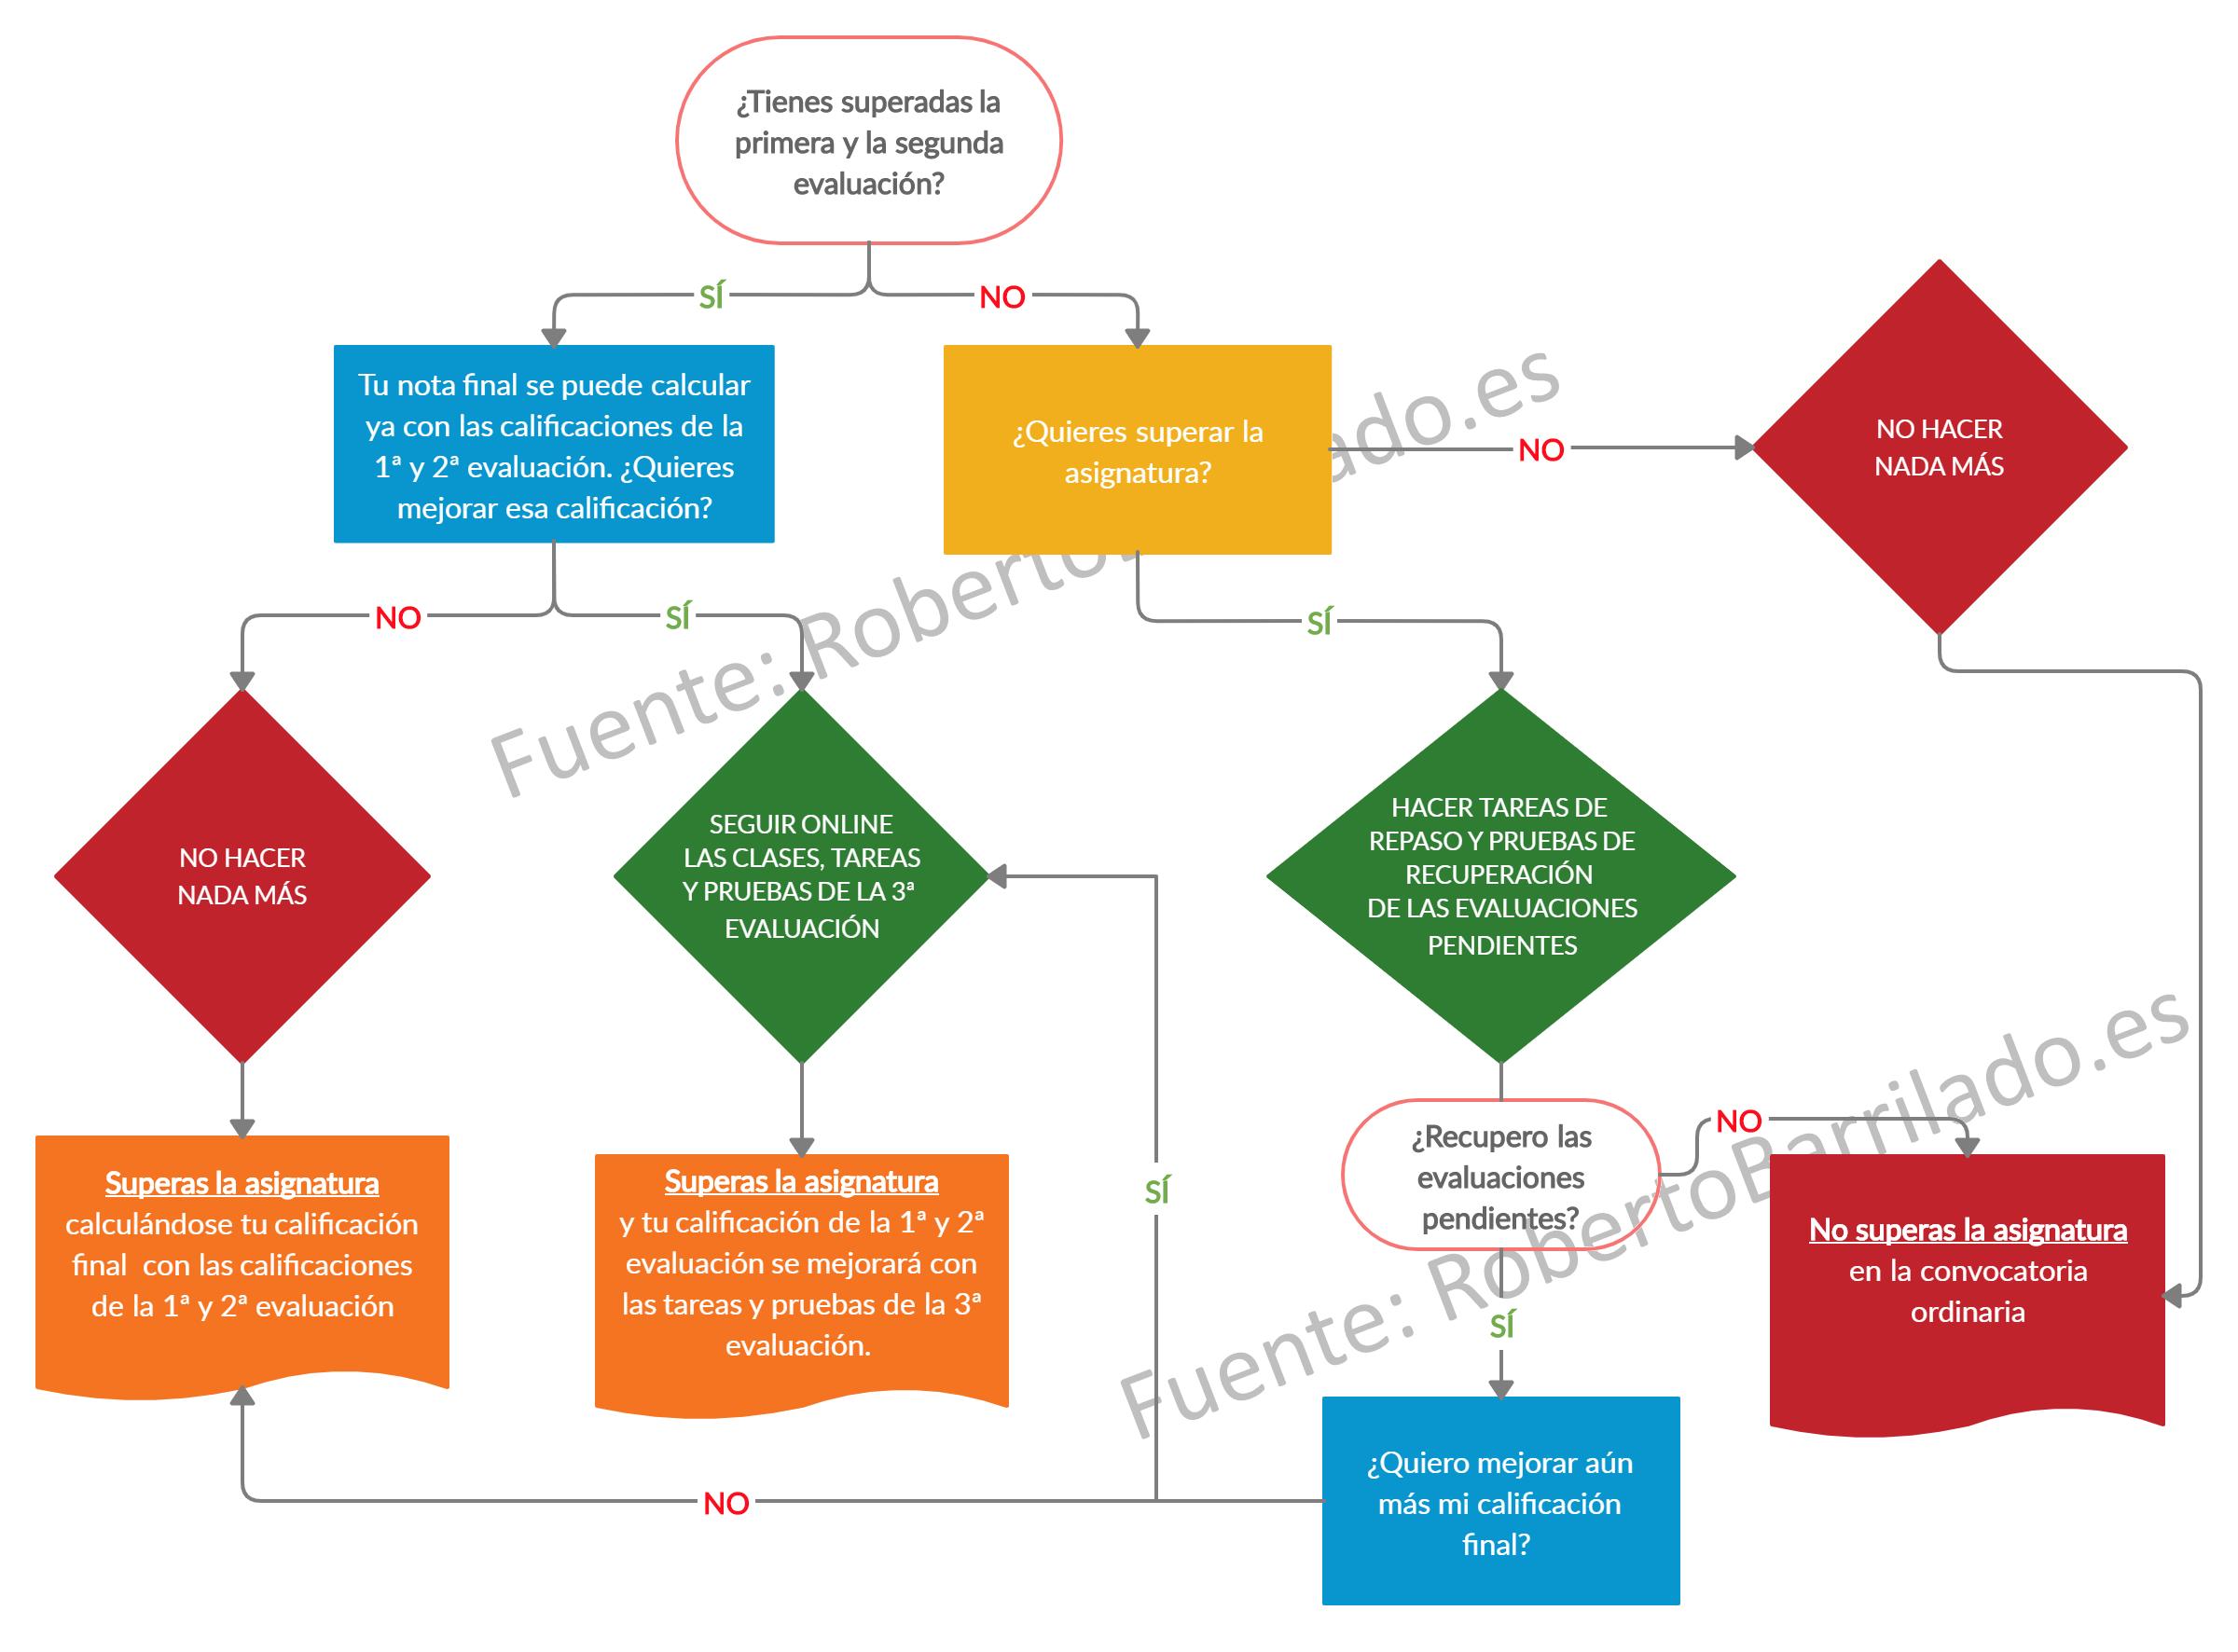 Diagrama resumen de opciones para la evaluación final 2019-20